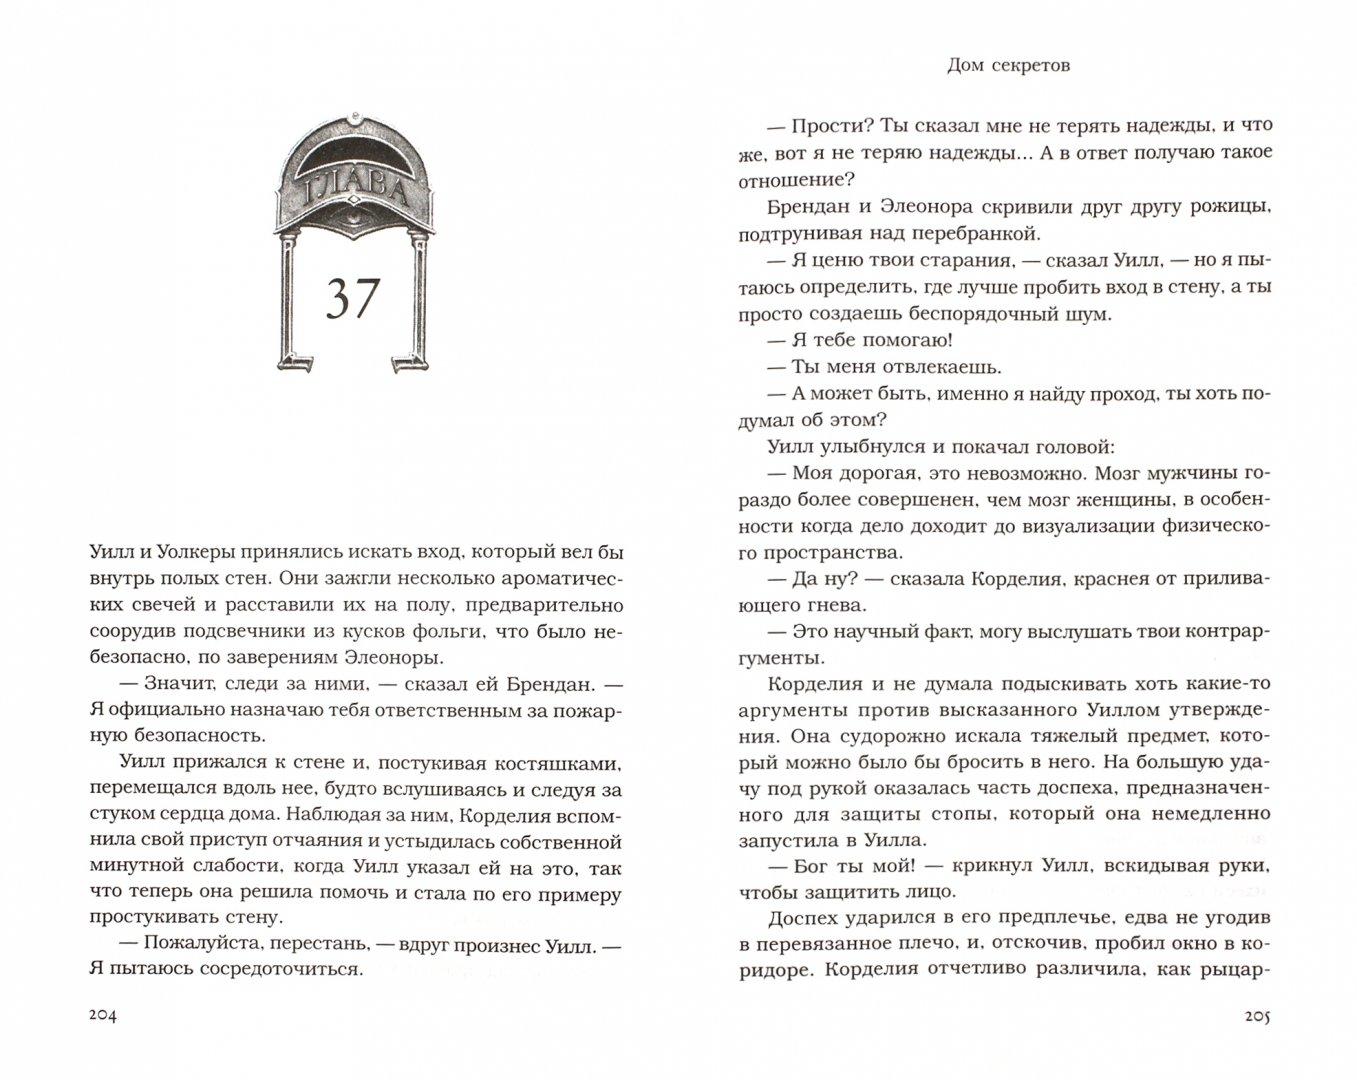 Иллюстрация 1 из 16 для Дом секретов - Коламбус, Виззини | Лабиринт - книги. Источник: Лабиринт